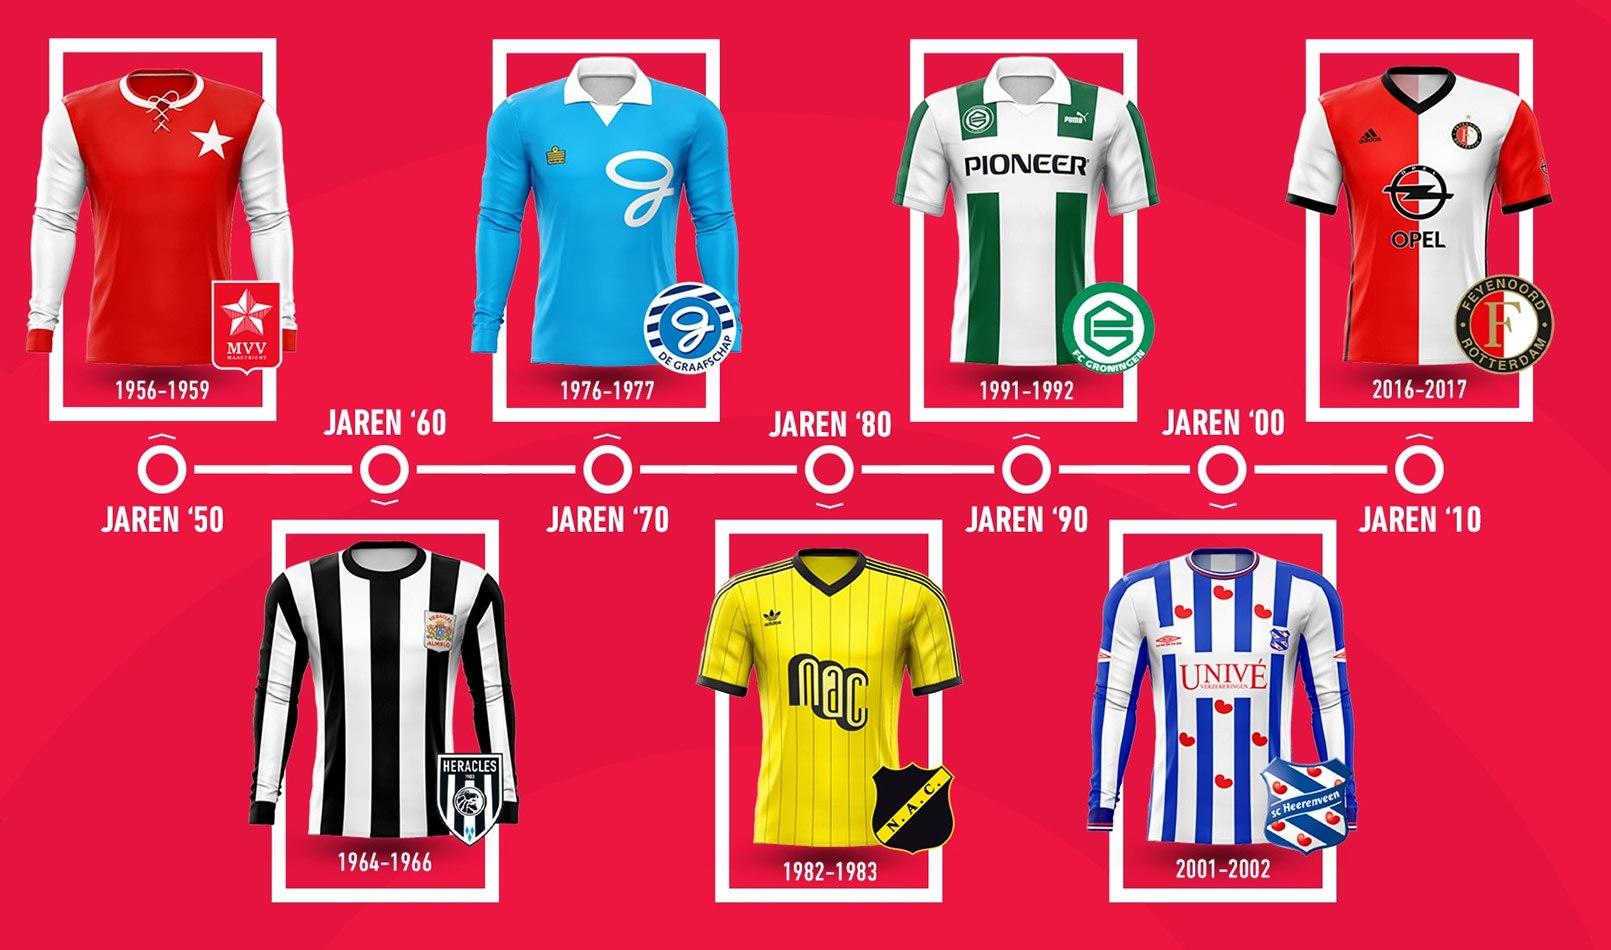 Las mejores camisetas por década en el fútbol neerlandés | Imagen Eredivisie